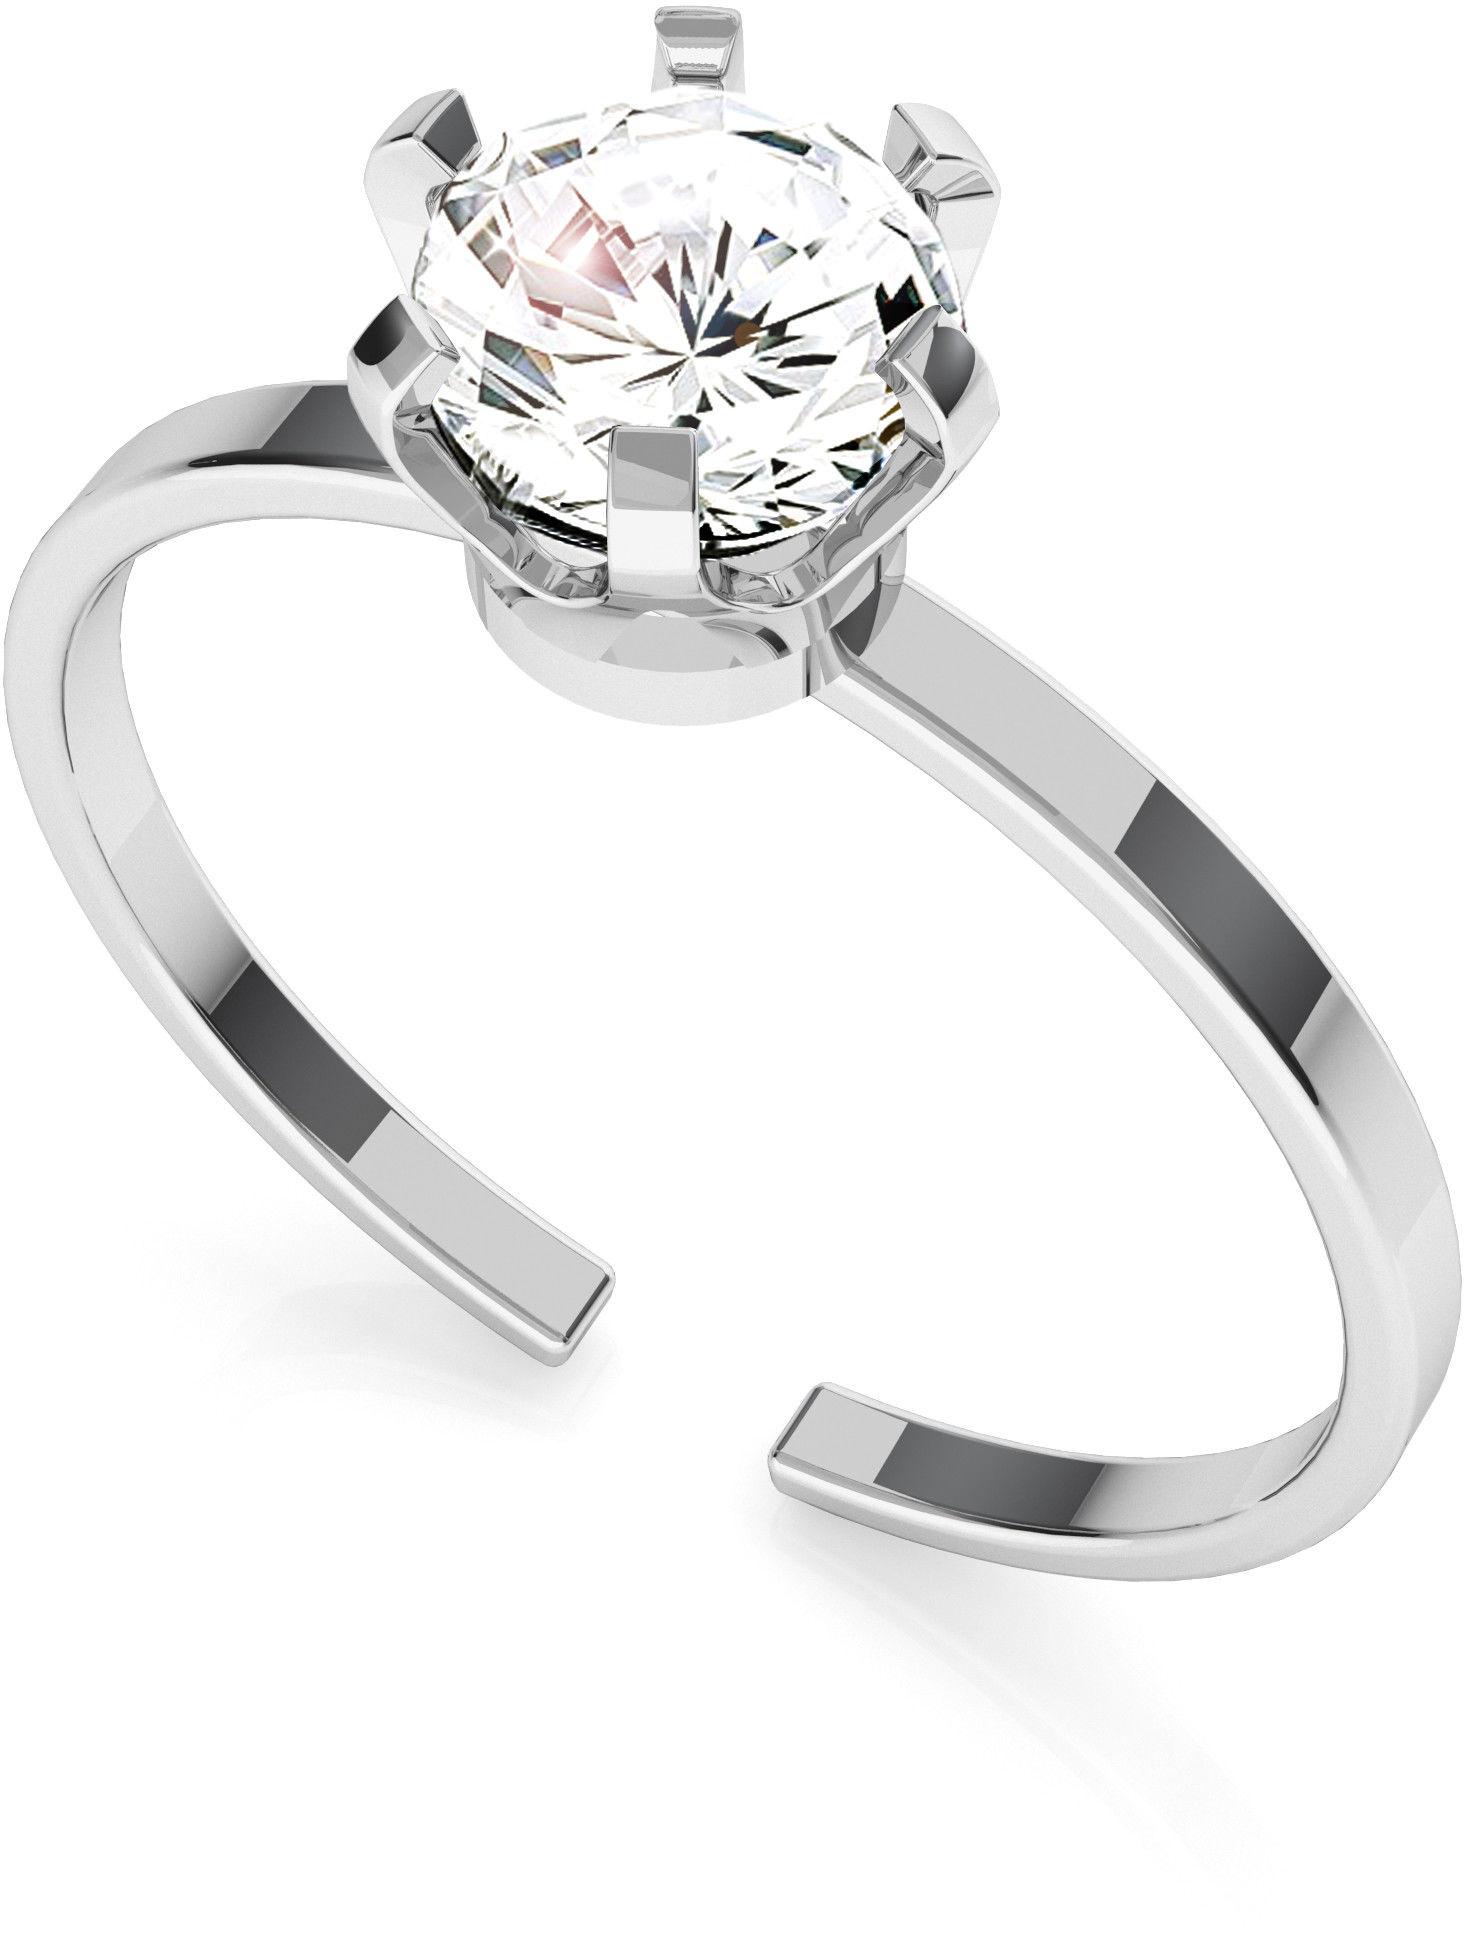 Srebrny pierścionek z cyrkonią 6mm My RING, srebro 925 : Srebro - kolor pokrycia - Pokrycie platyną